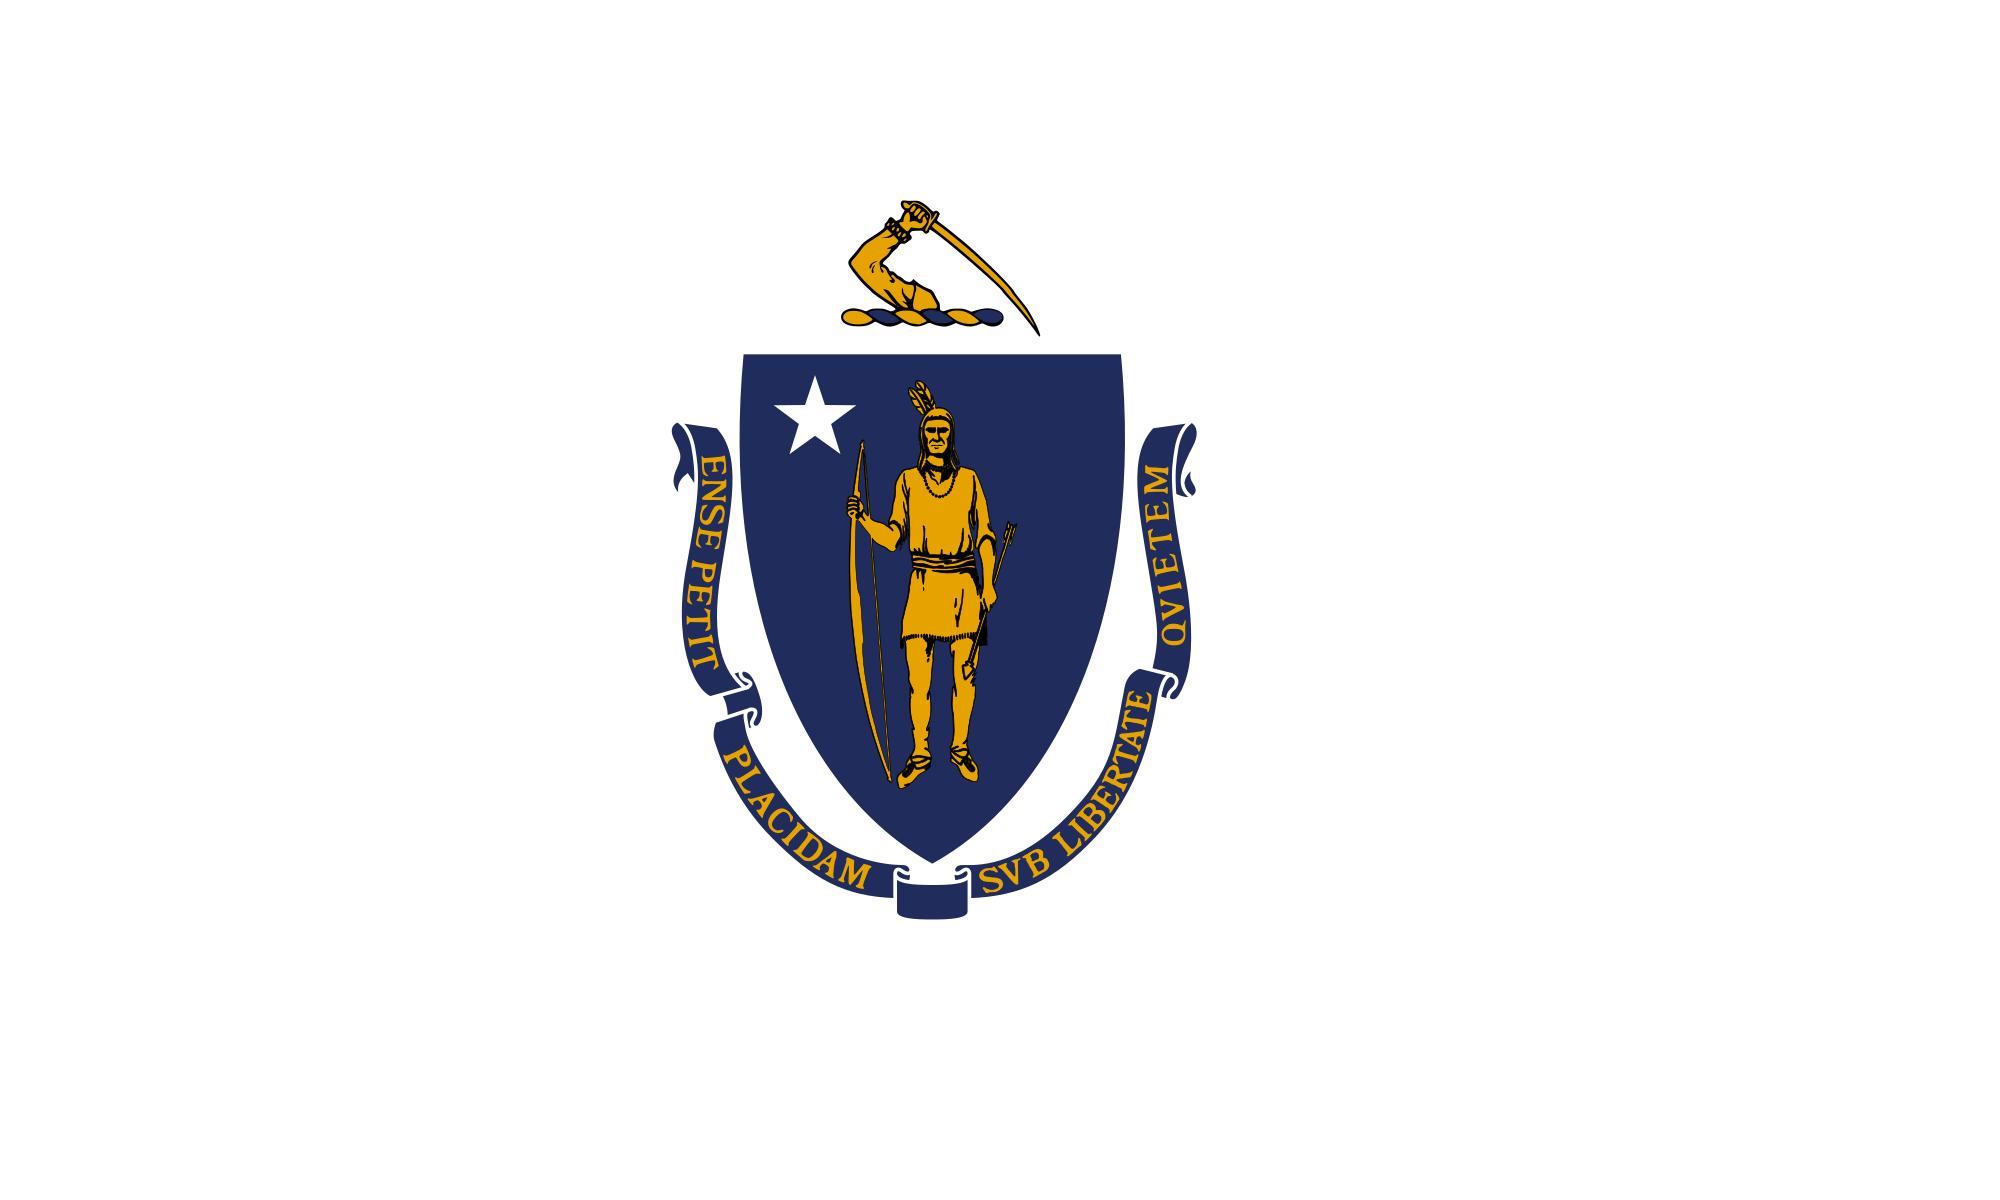 Massachusetts.png